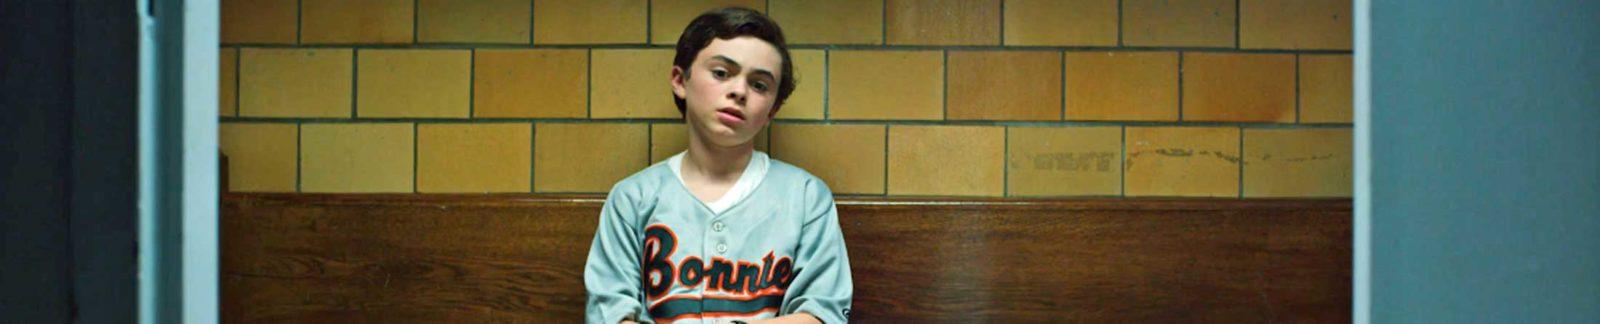 Extra Innings, baseball movie header